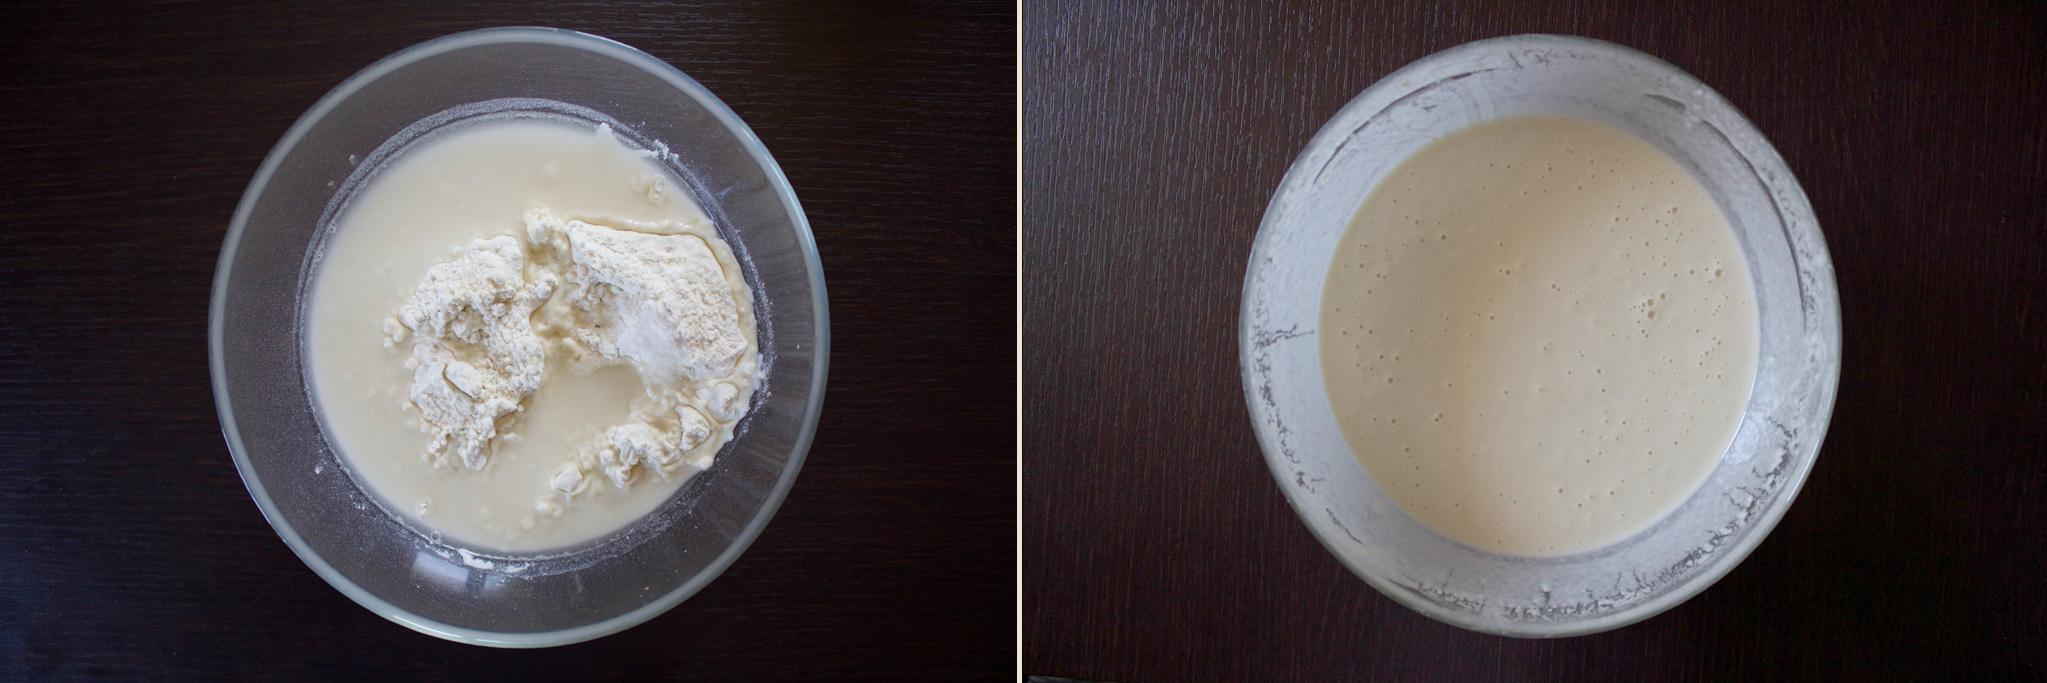 arancine-al-burro-salato-e-arancia_pastella